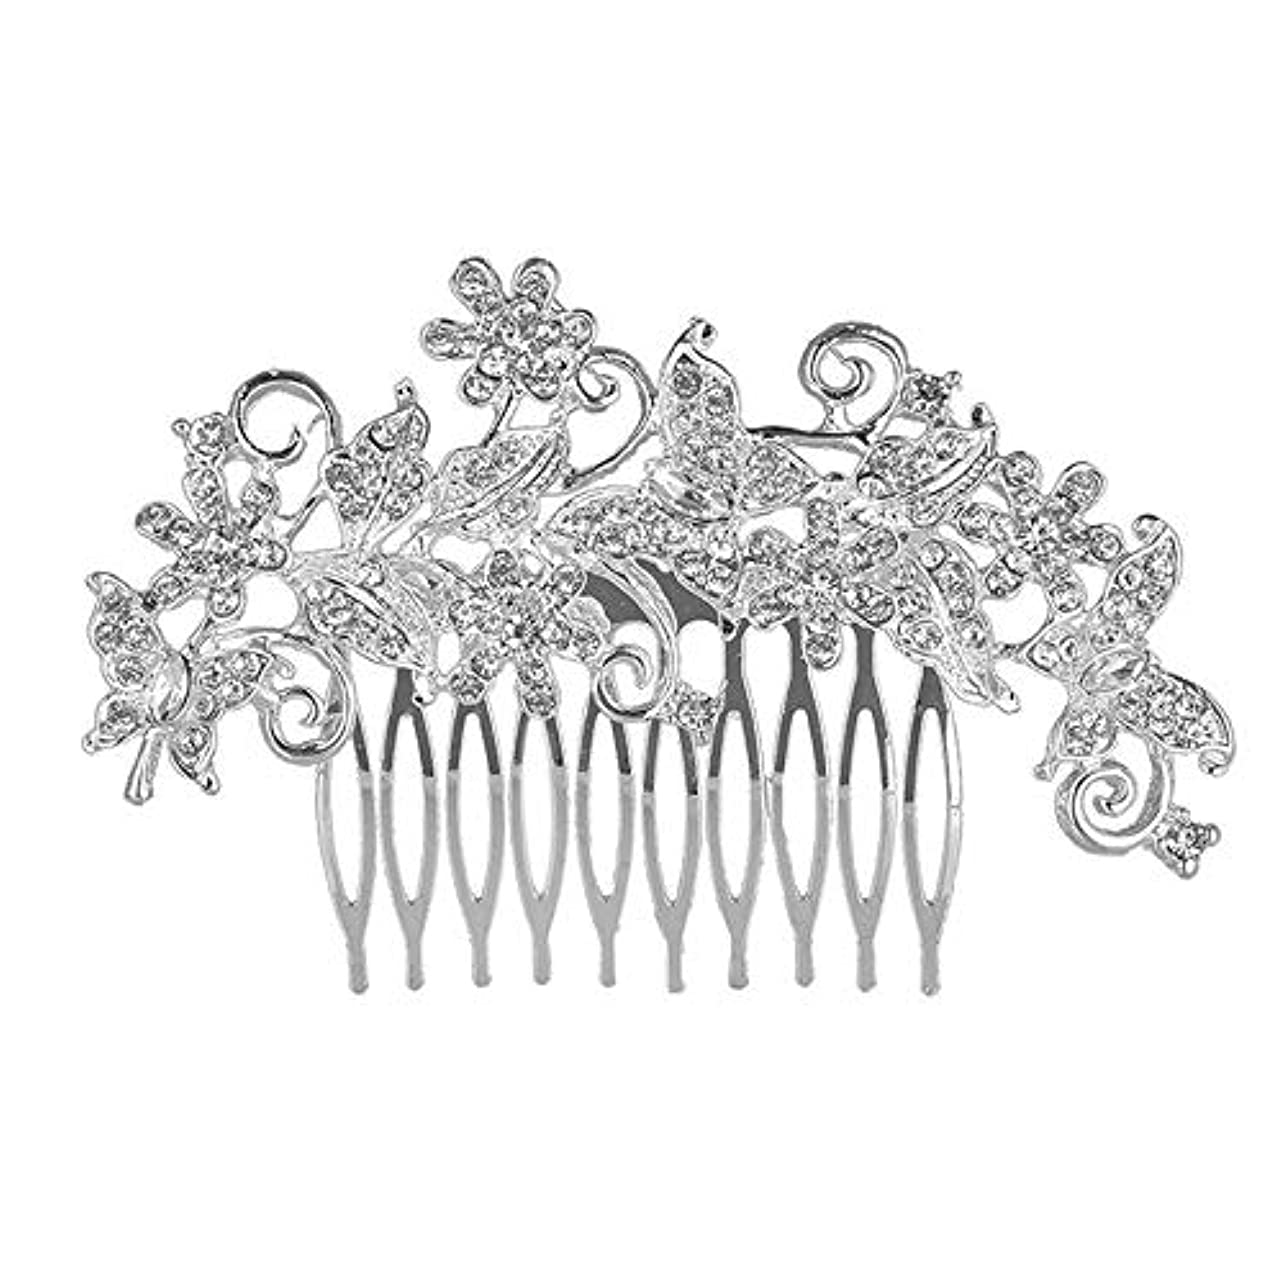 痛い遠征締める韓国のヘアアクセサリー_韓国の花嫁のヘアアクセサリー日の花のヘッドドレスファッションヘアコーム花嫁合金結婚式結婚式卸売